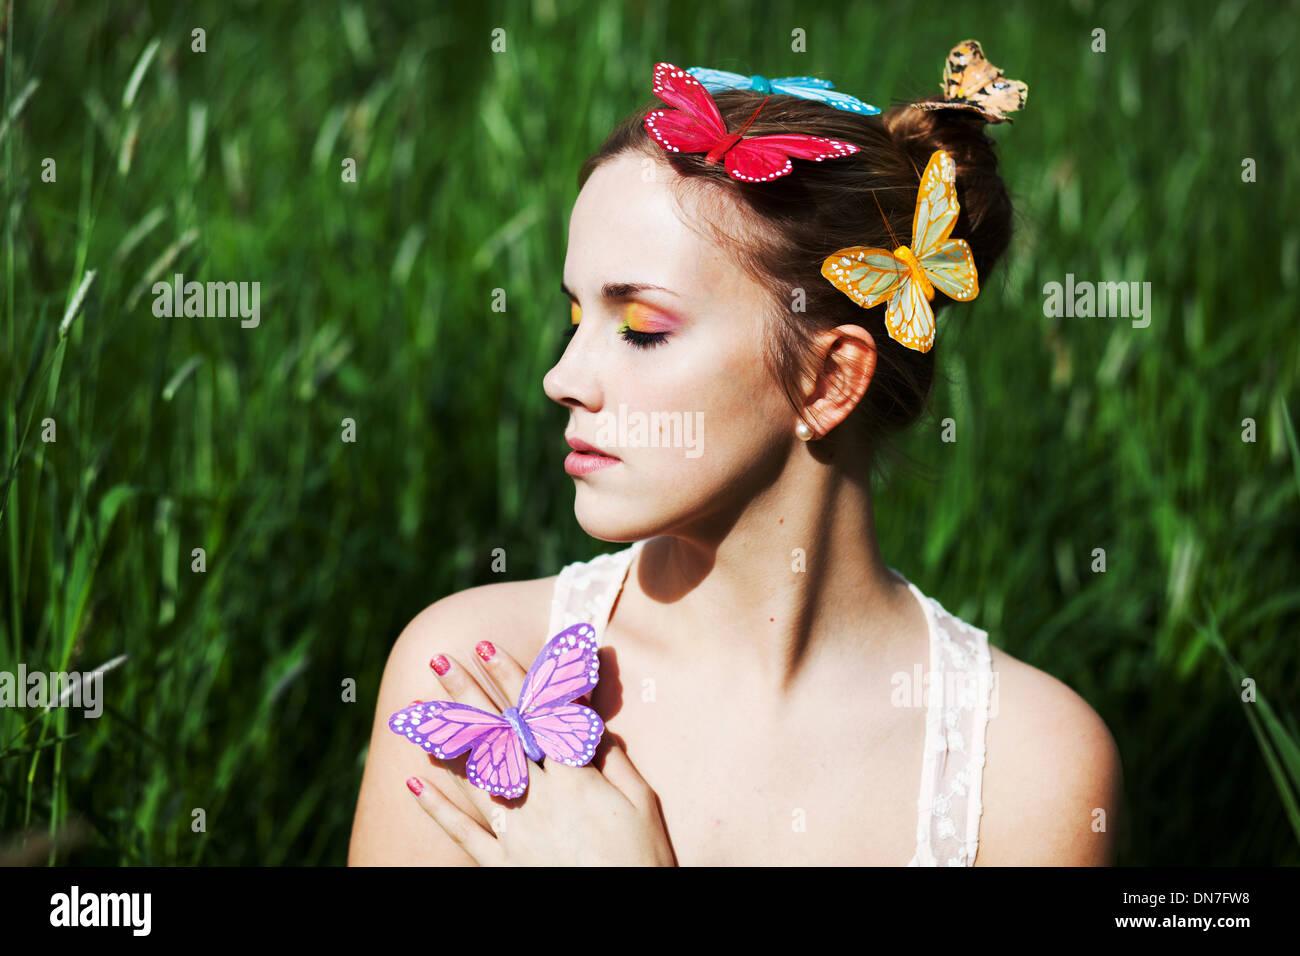 Junge Frau mit geschlossenen Augen und künstliche Schmetterlinge Stockbild